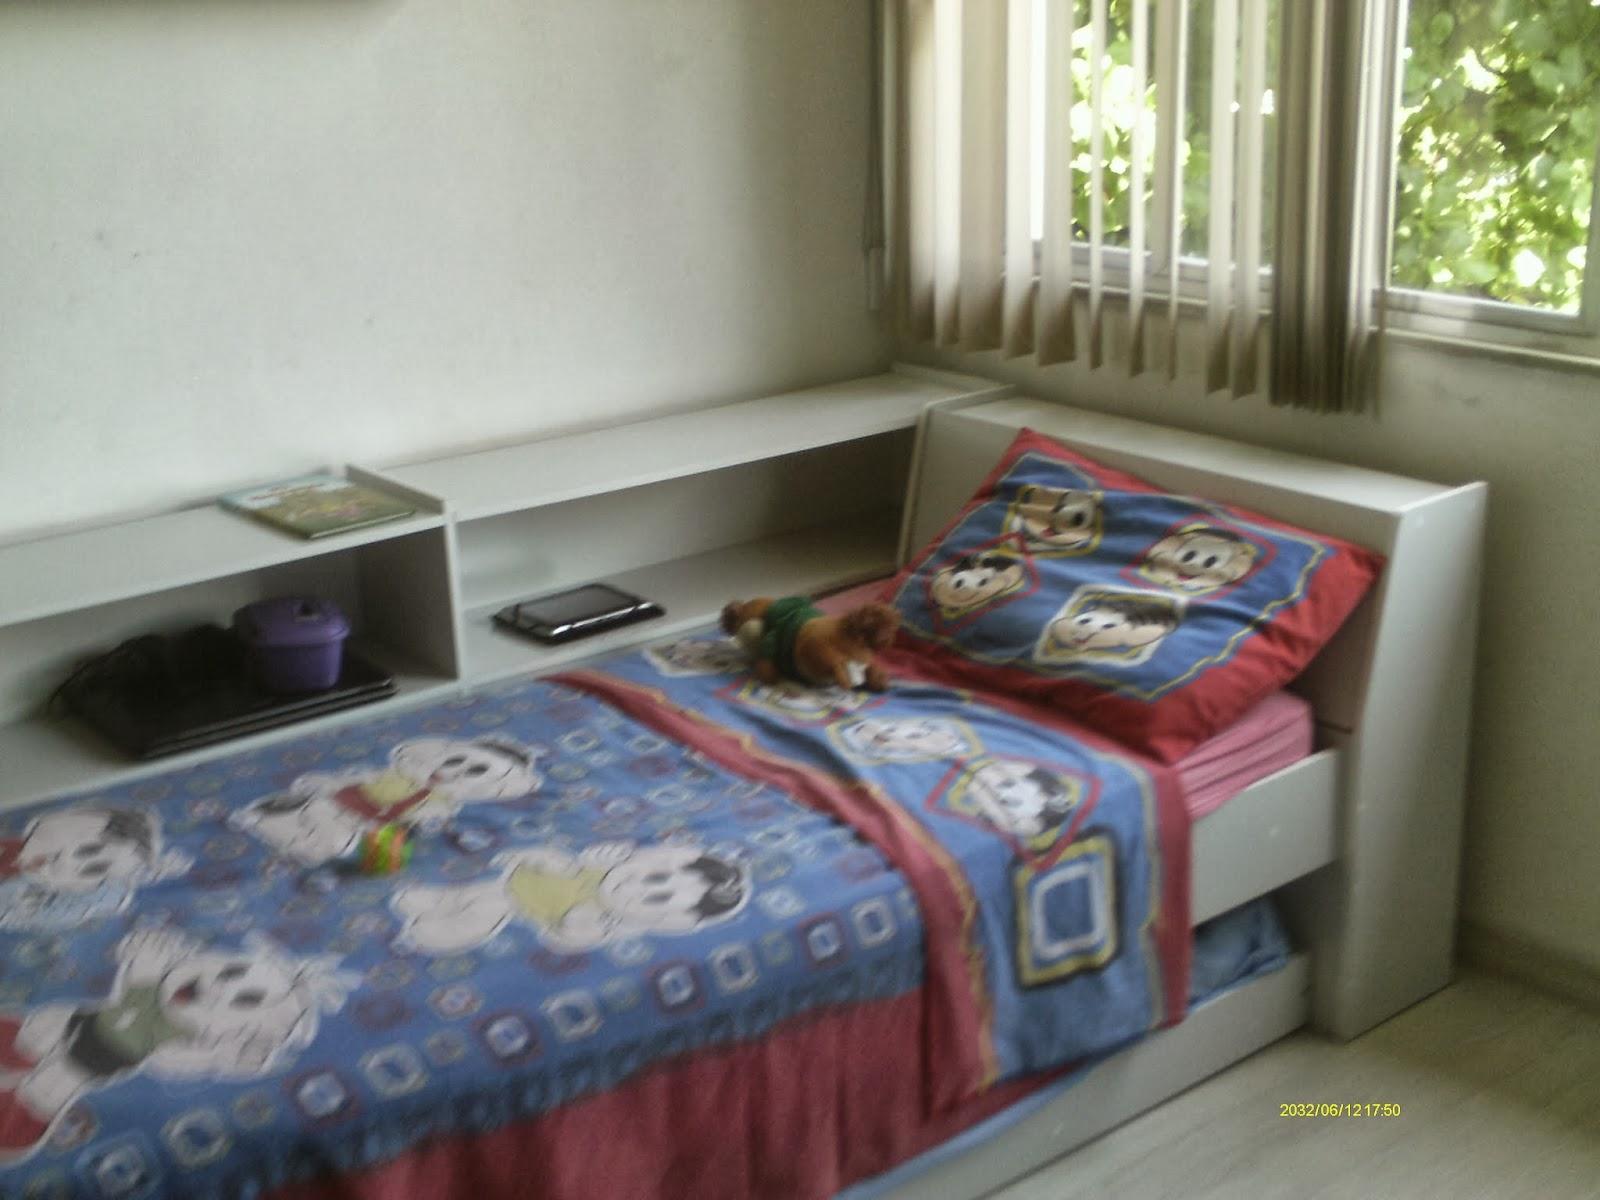 Imagens de #693B39 Casa Cocotá Ilha do Governador Avelino Freire Imóveis 1600x1200 px 2886 Box Banheiro Ilha Do Governador